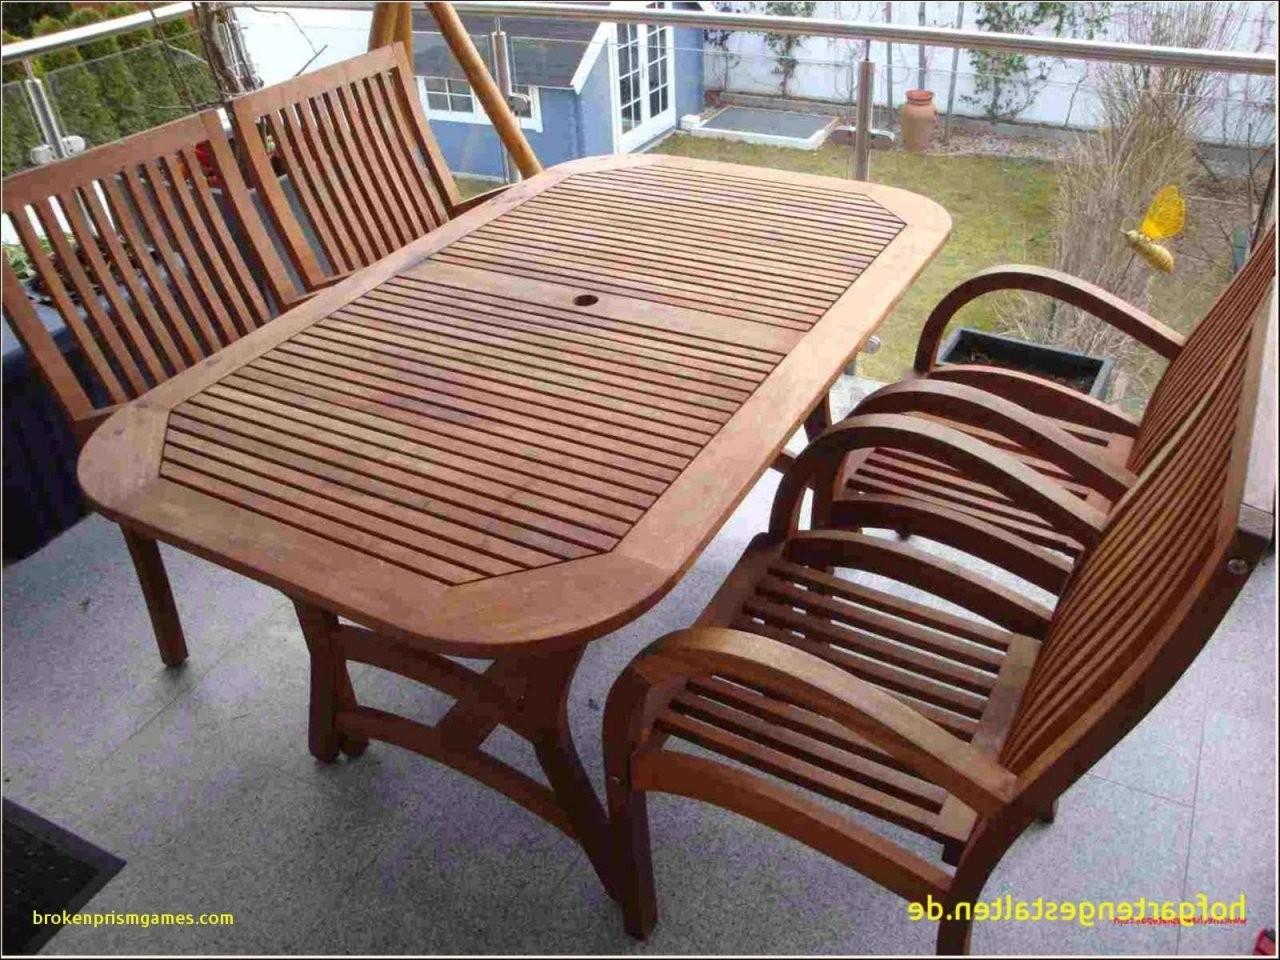 Gartenmöbel Selber Bauen Designideen Von Bauholz Möbel Garten von Bauholz Möbel Selber Machen Photo